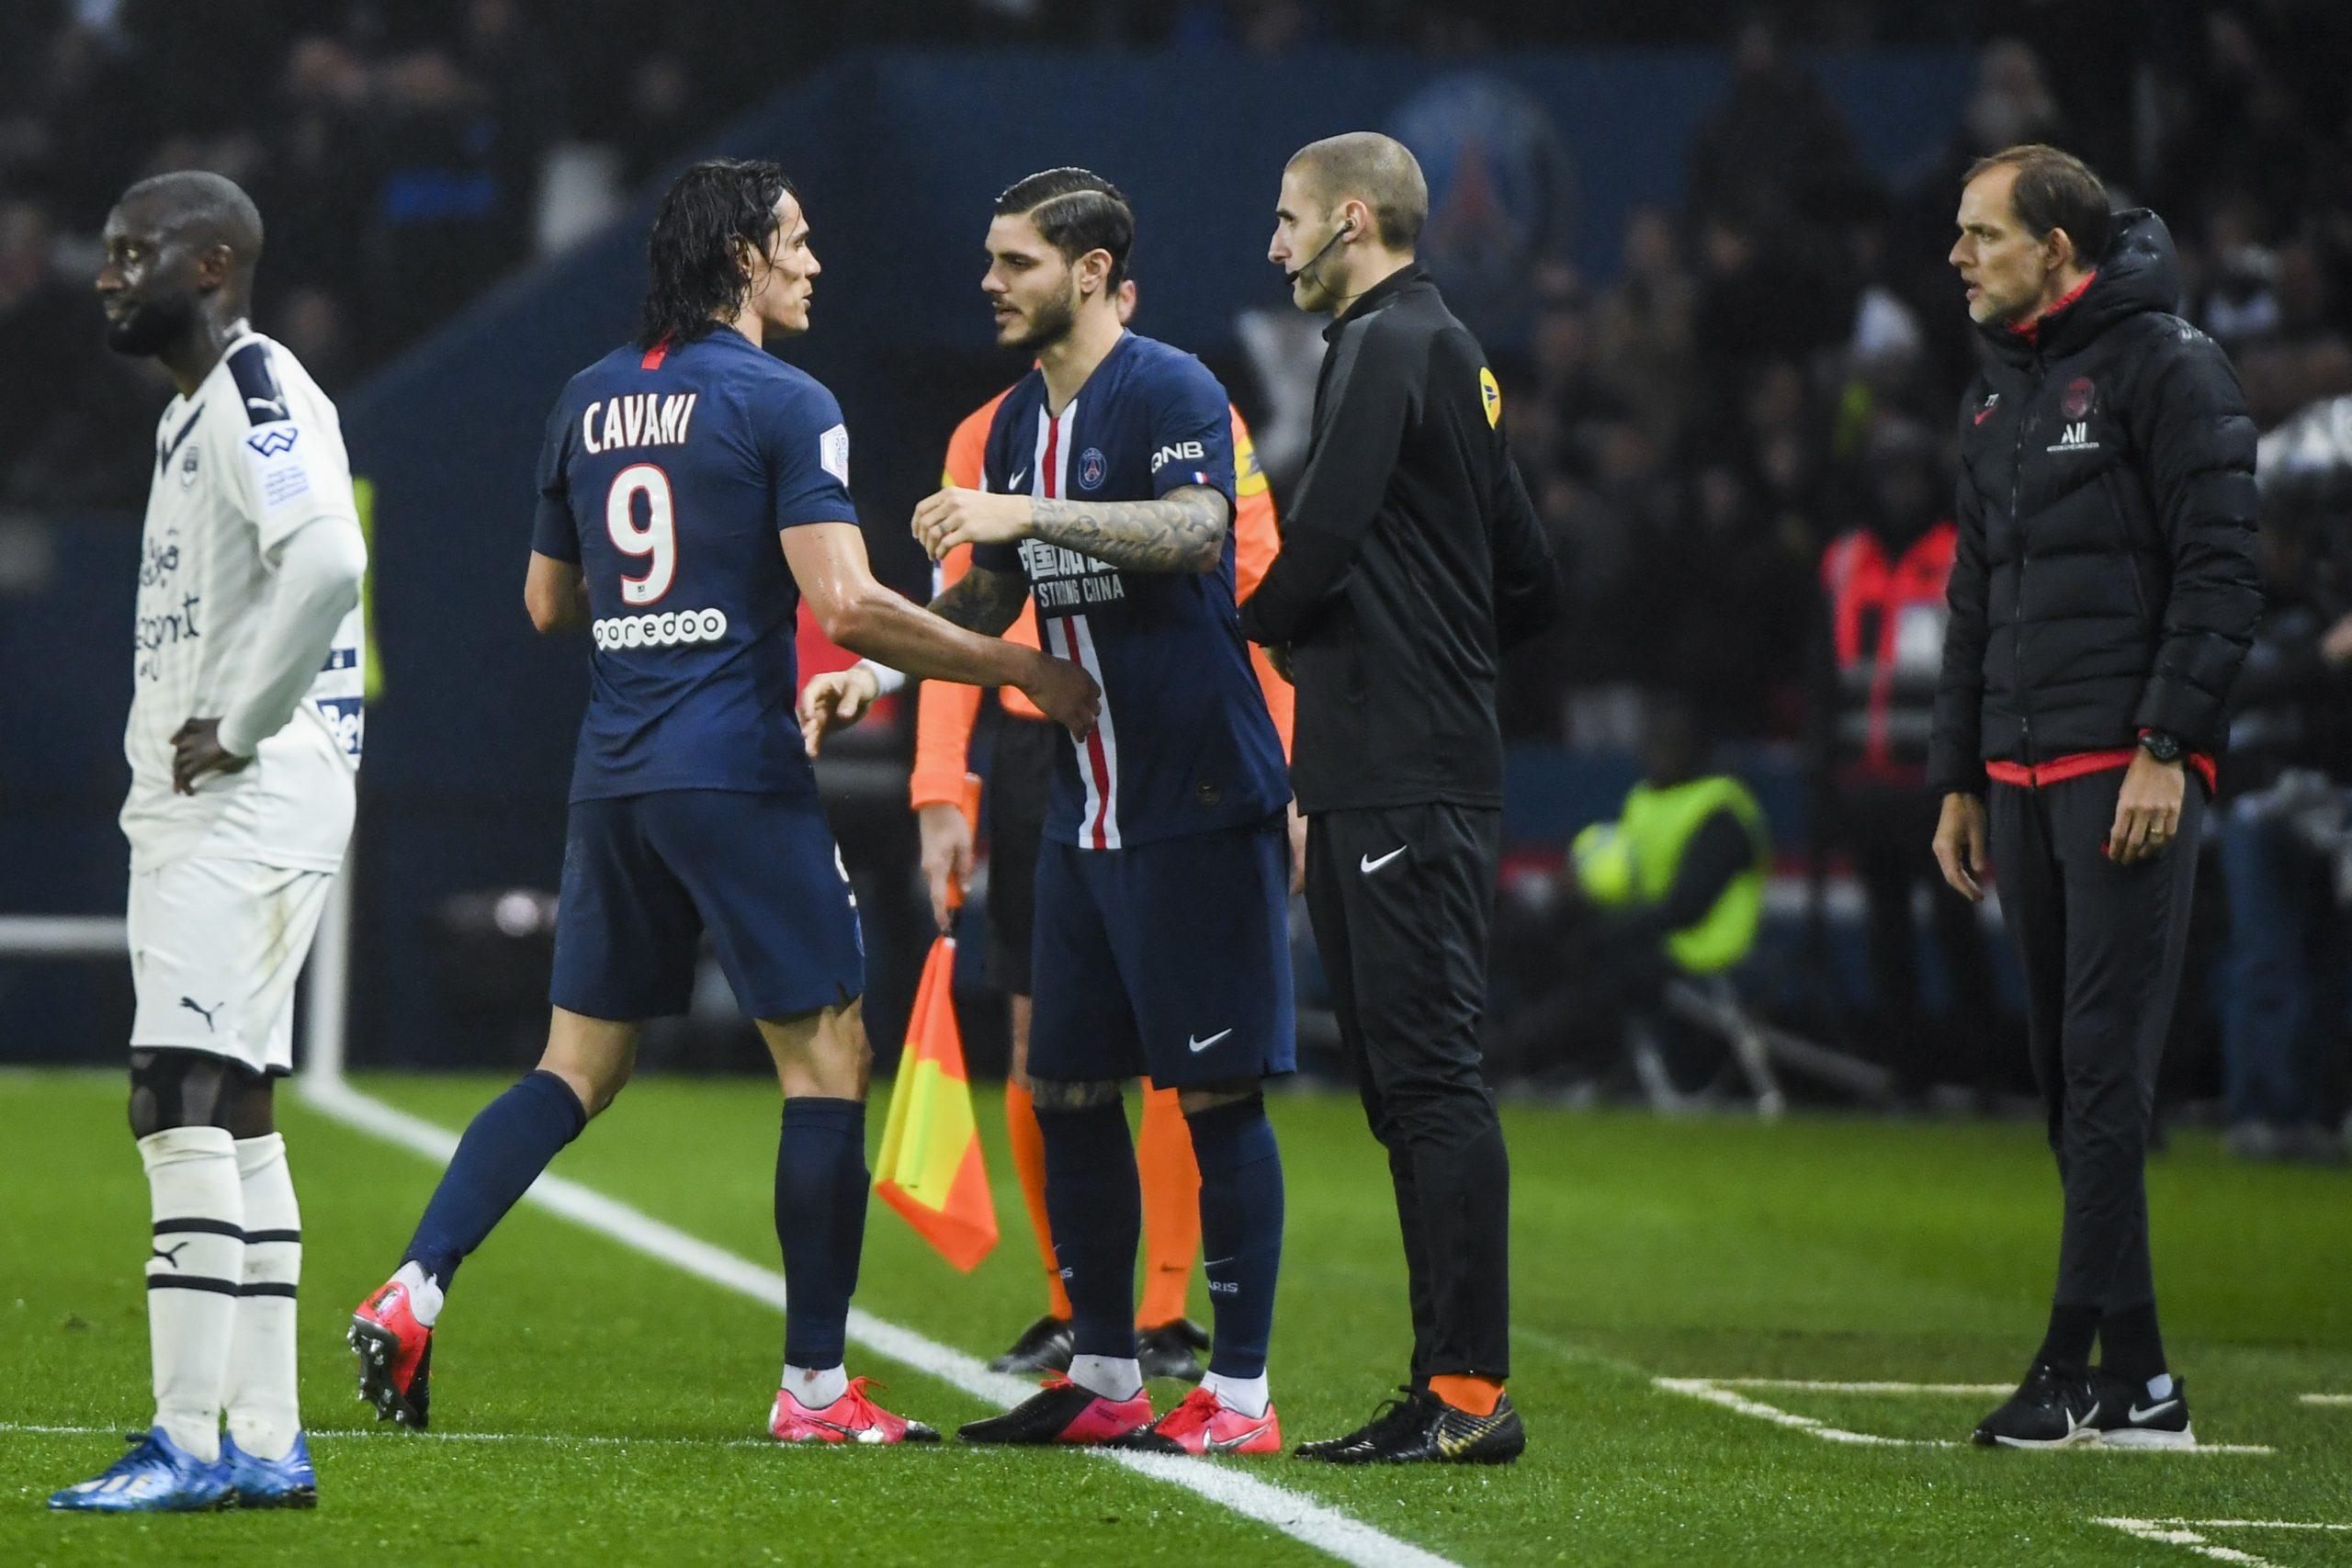 Mercato - Icardi et Cavani cités parmi les pistes de l'Atlético de Madrid